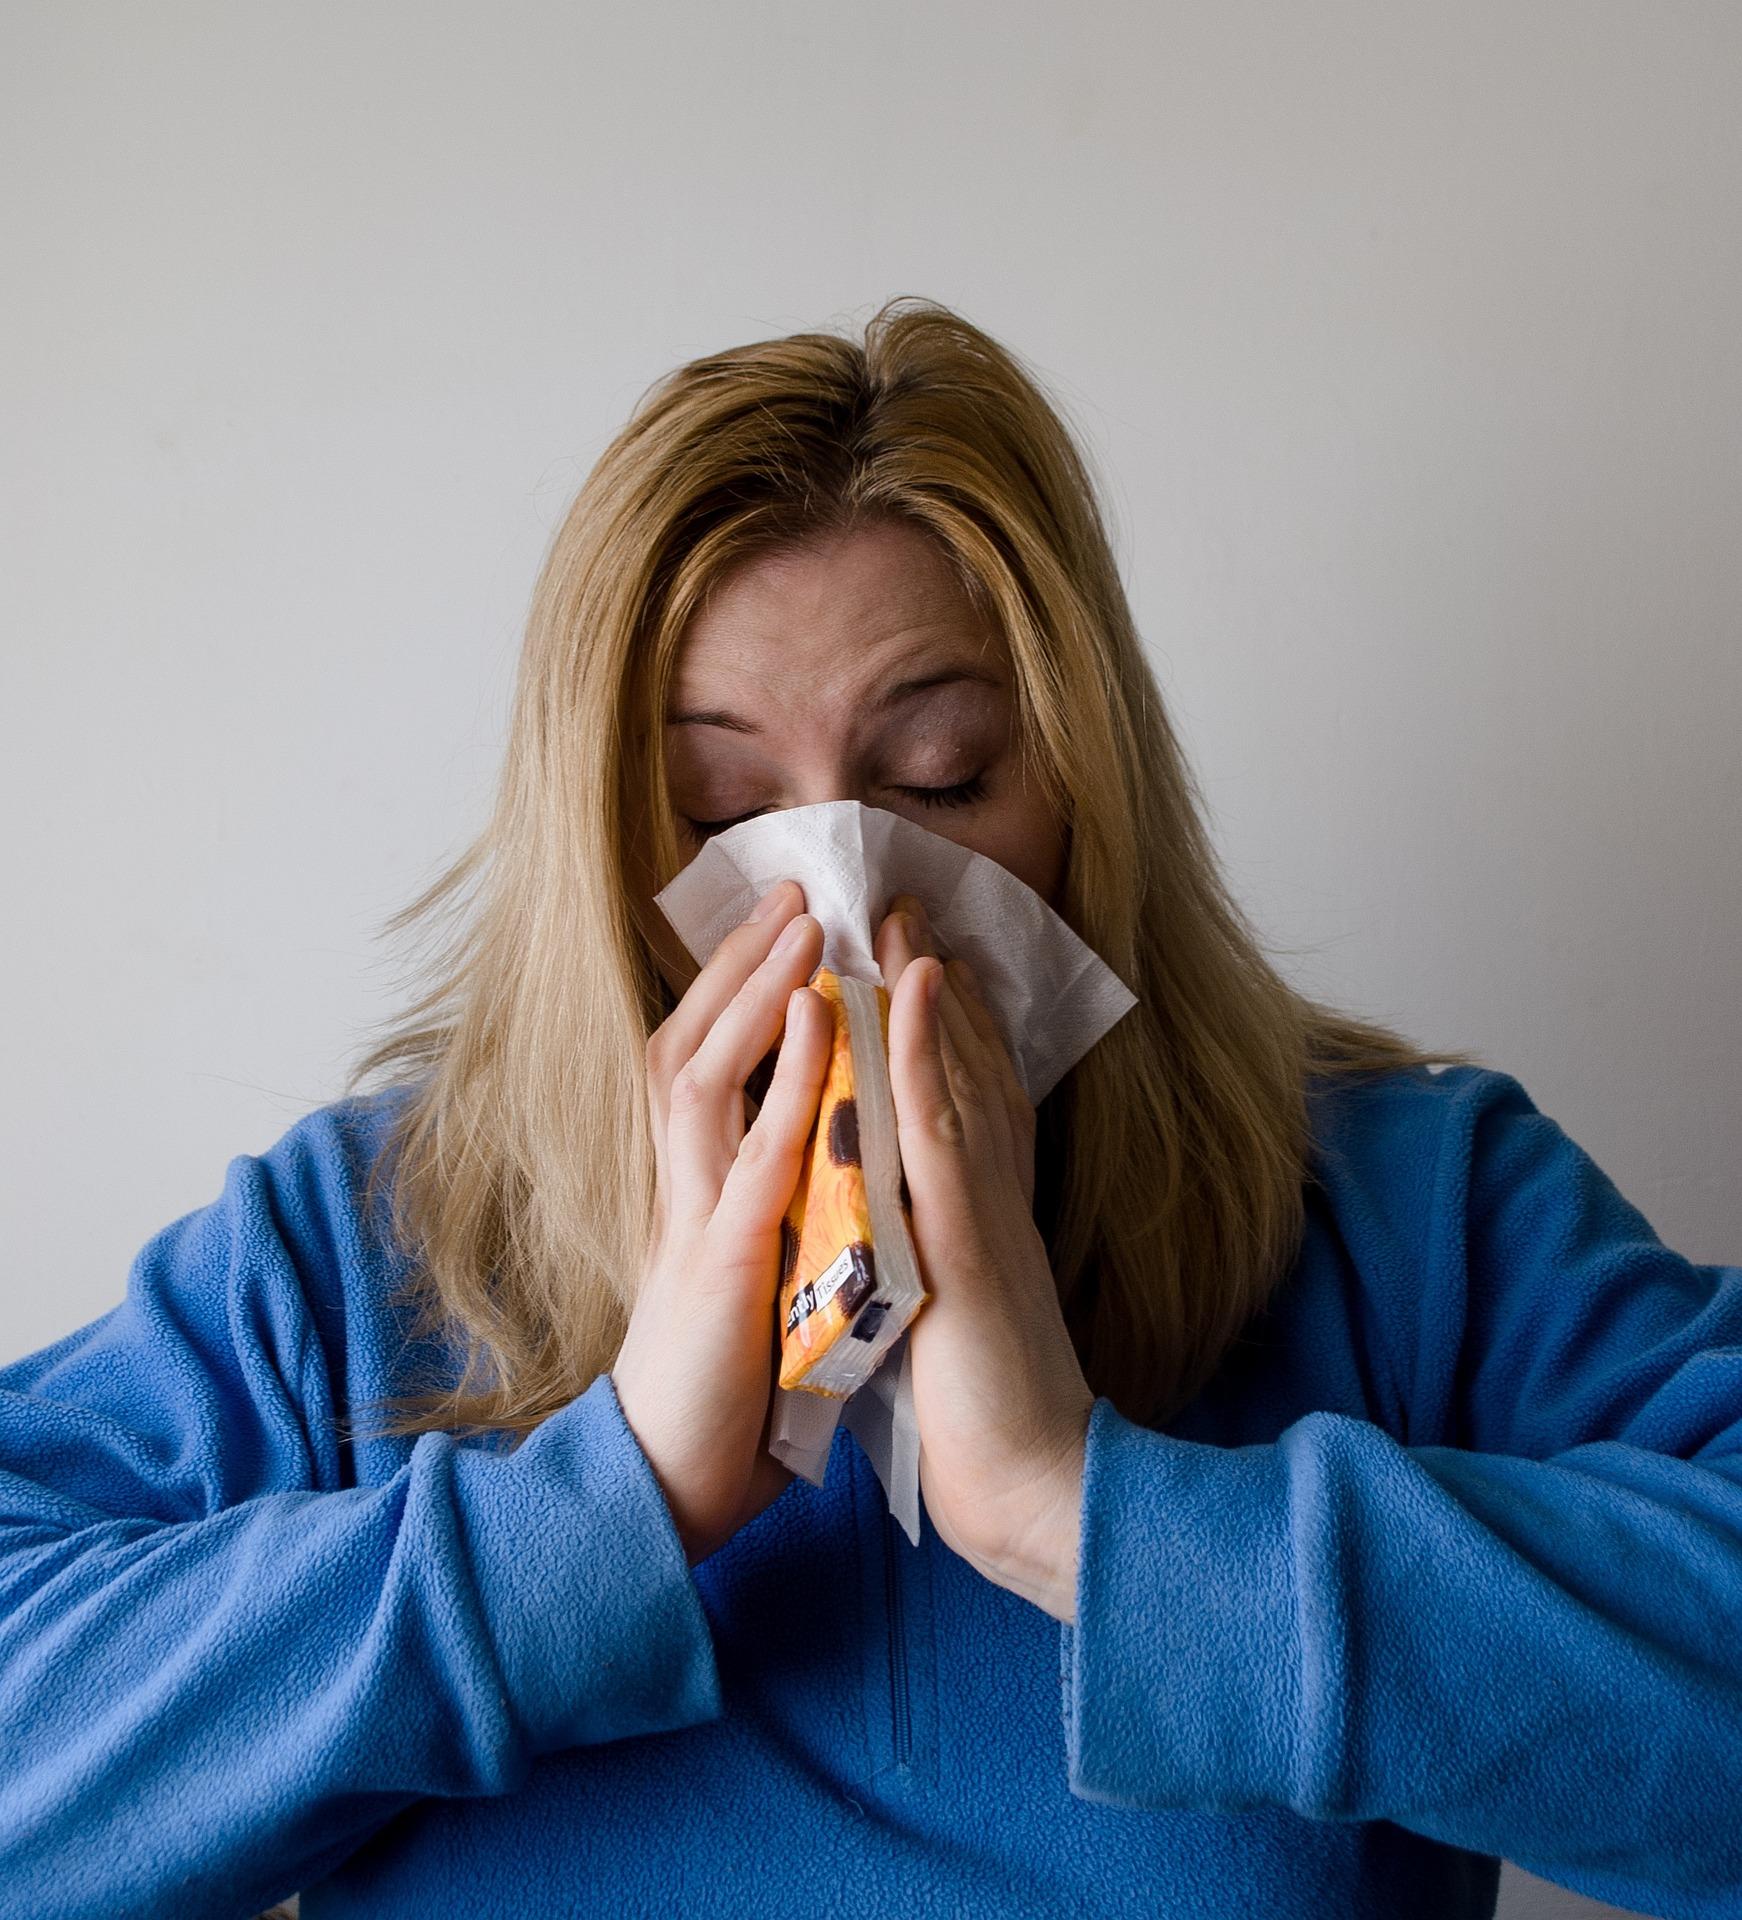 アレルギー体質の方がラミクタール錠を飲んだ場合の皮膚疾患の副作用の発現頻度